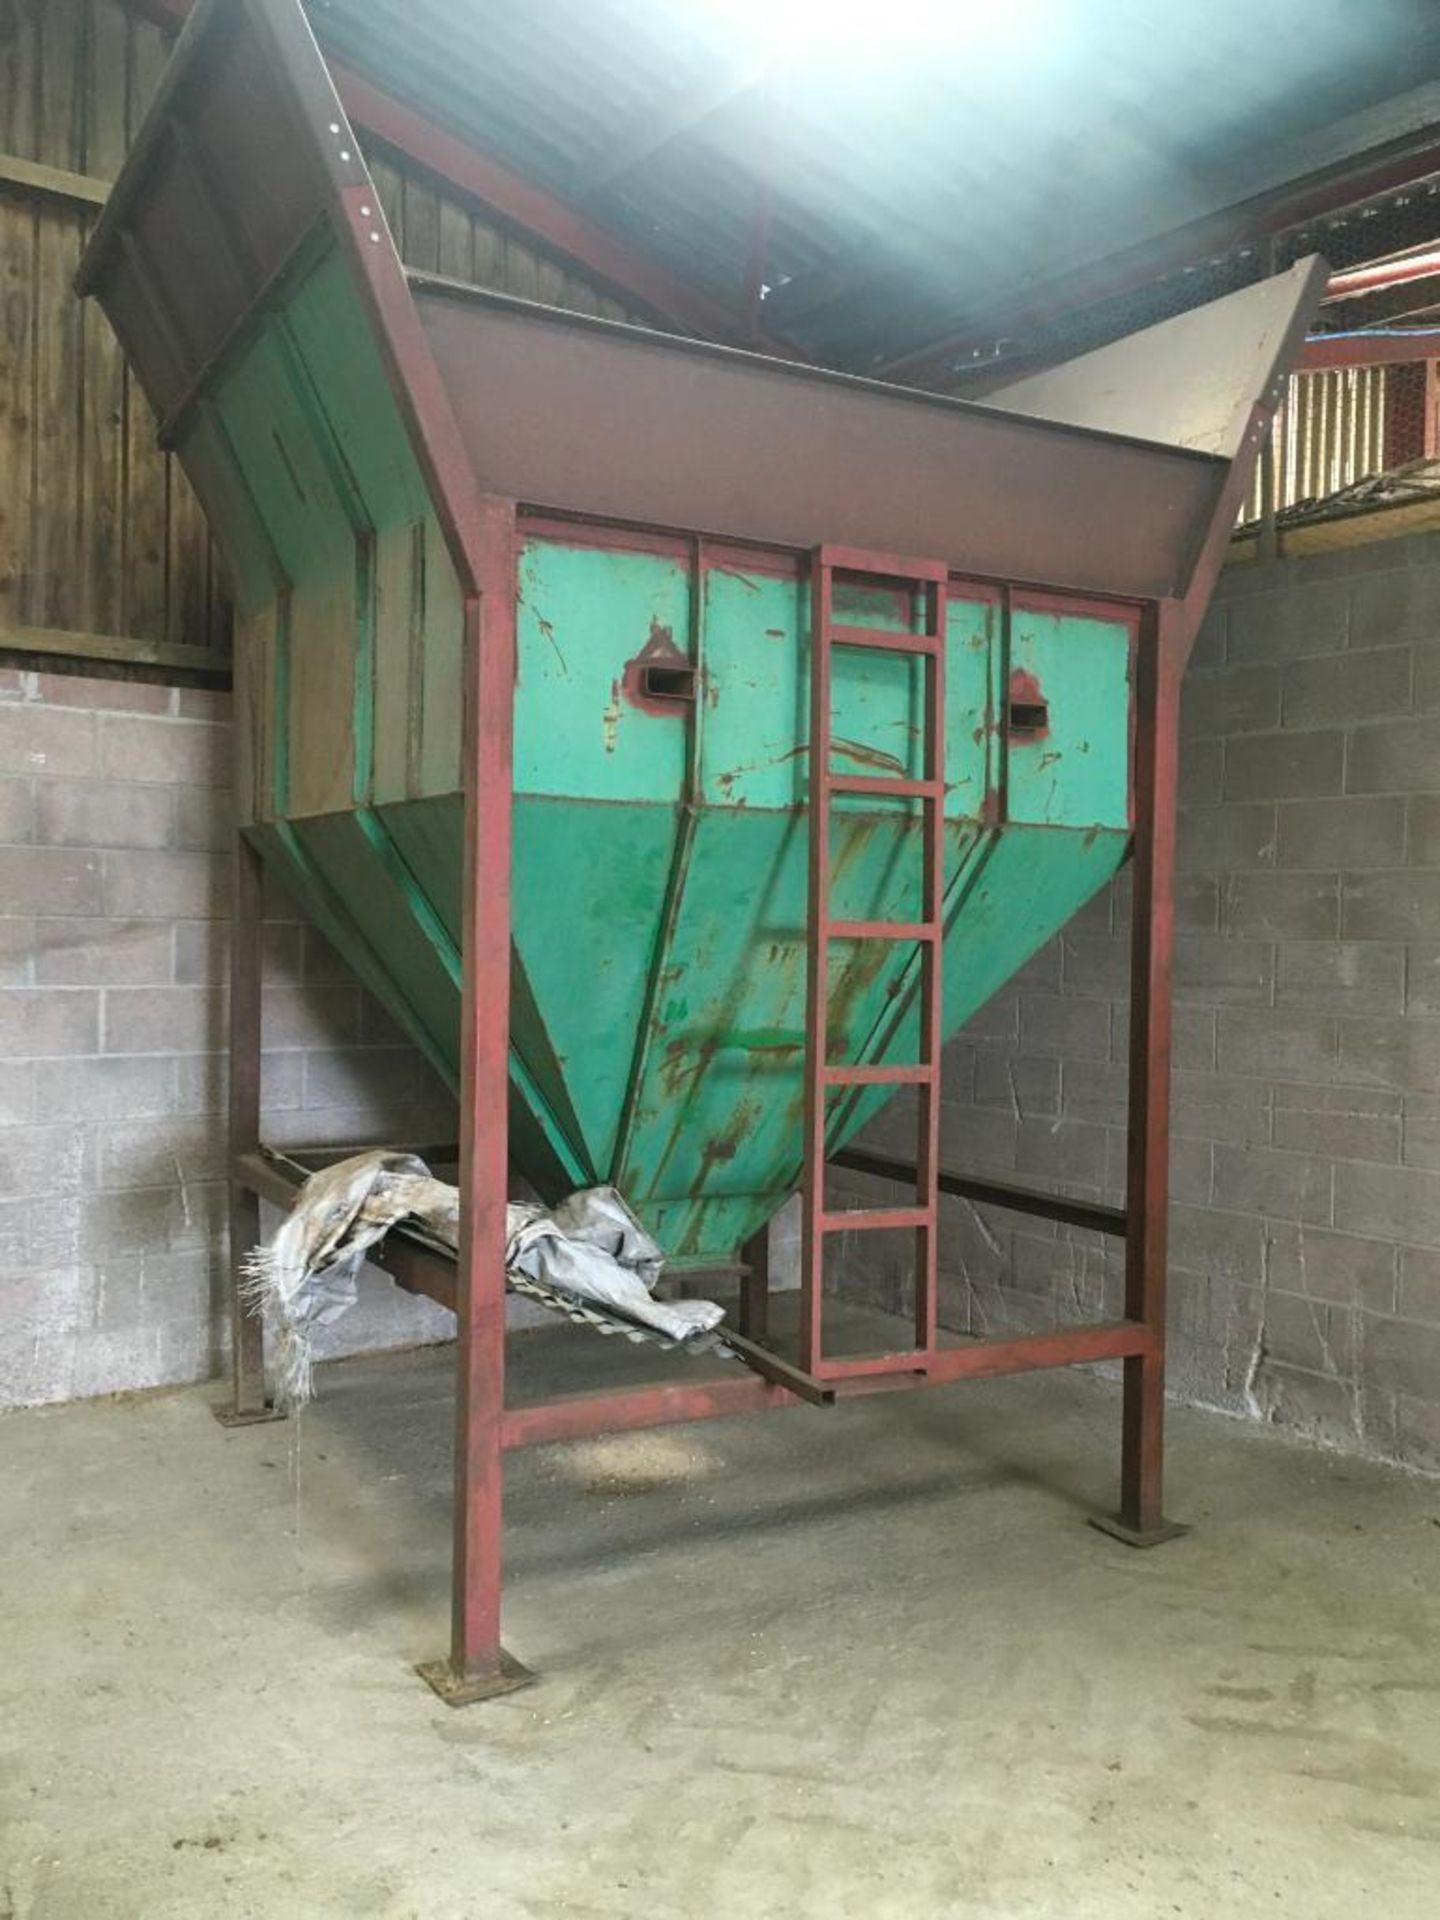 Freestanding 5t grain hopper - Image 5 of 5